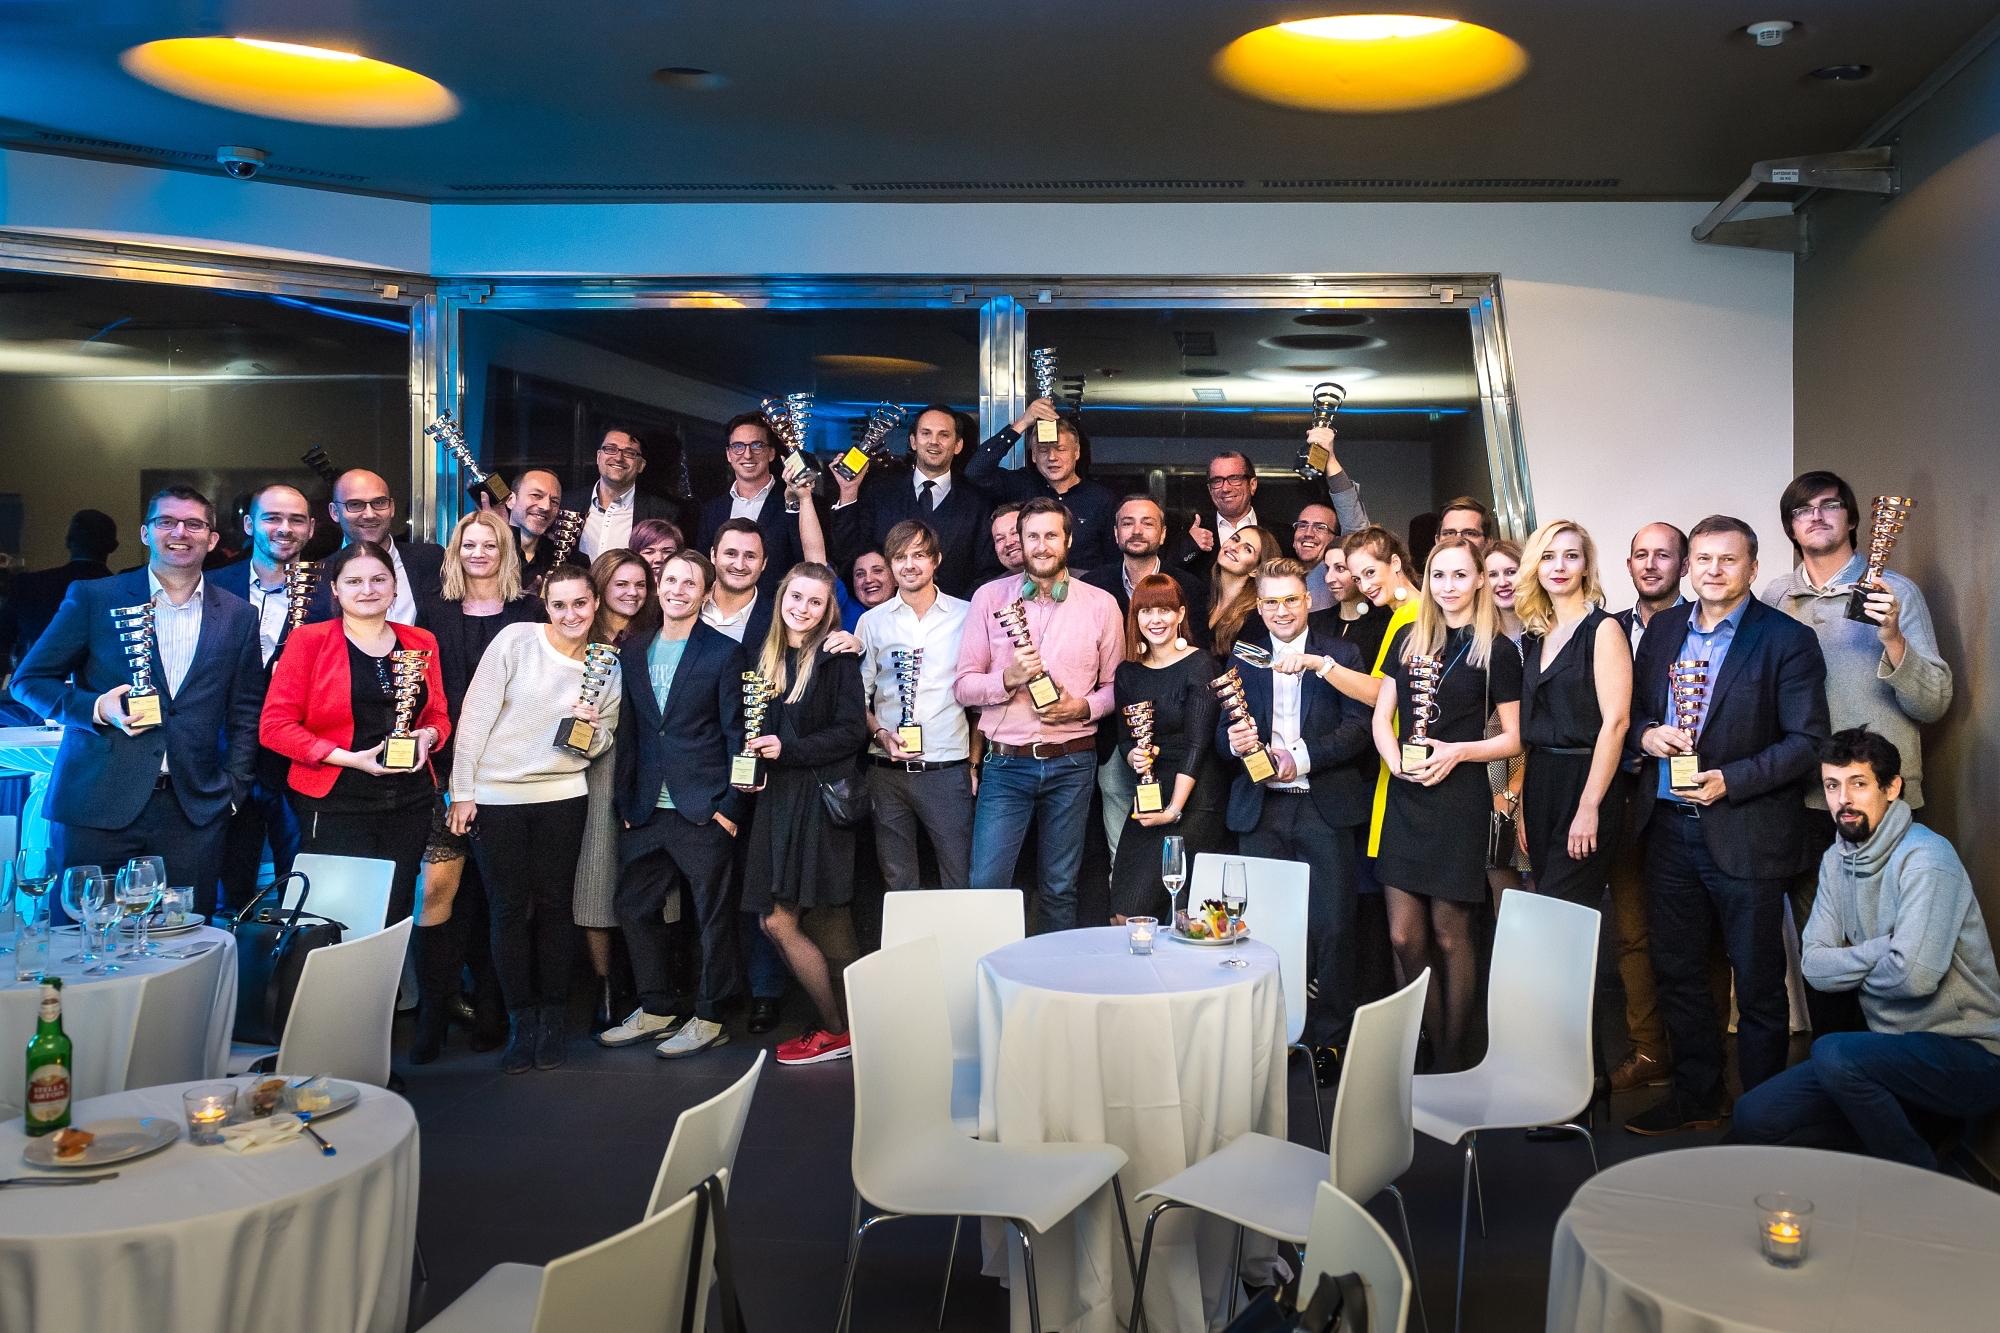 Čeští vítězové letošních IMC Awards po úterních předávání, ve 4. patře žižkovské televizní věže. Kliknutím zvětšíte